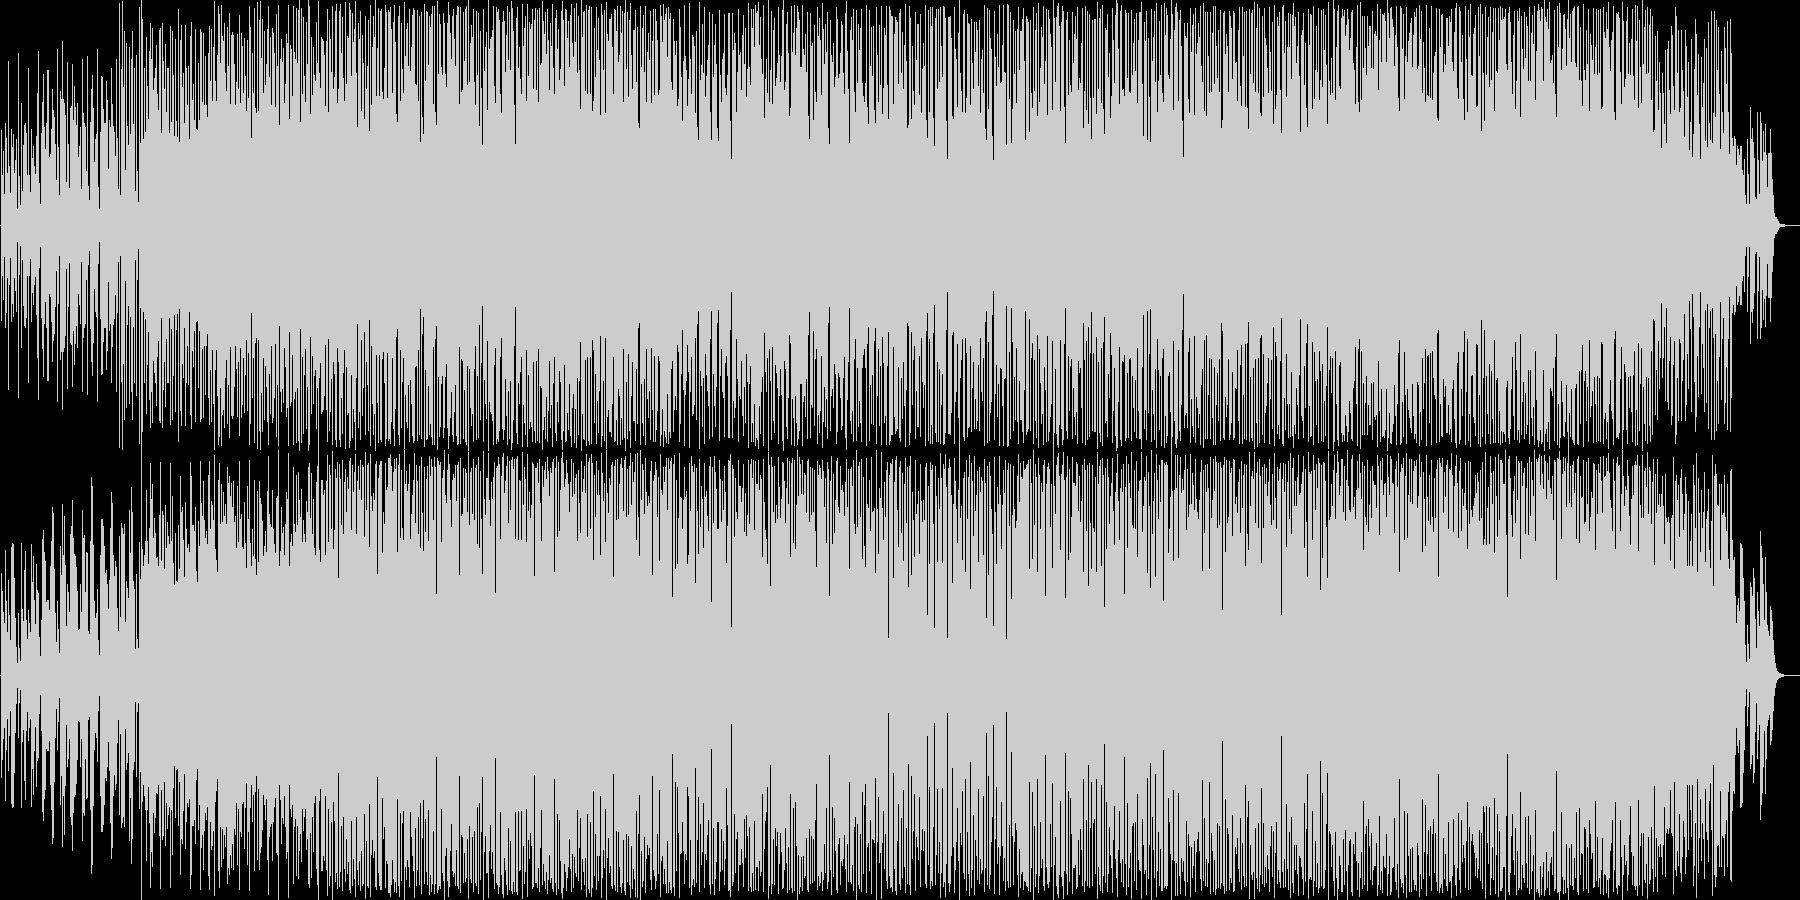 動画 サスペンス アクション ファ...の未再生の波形